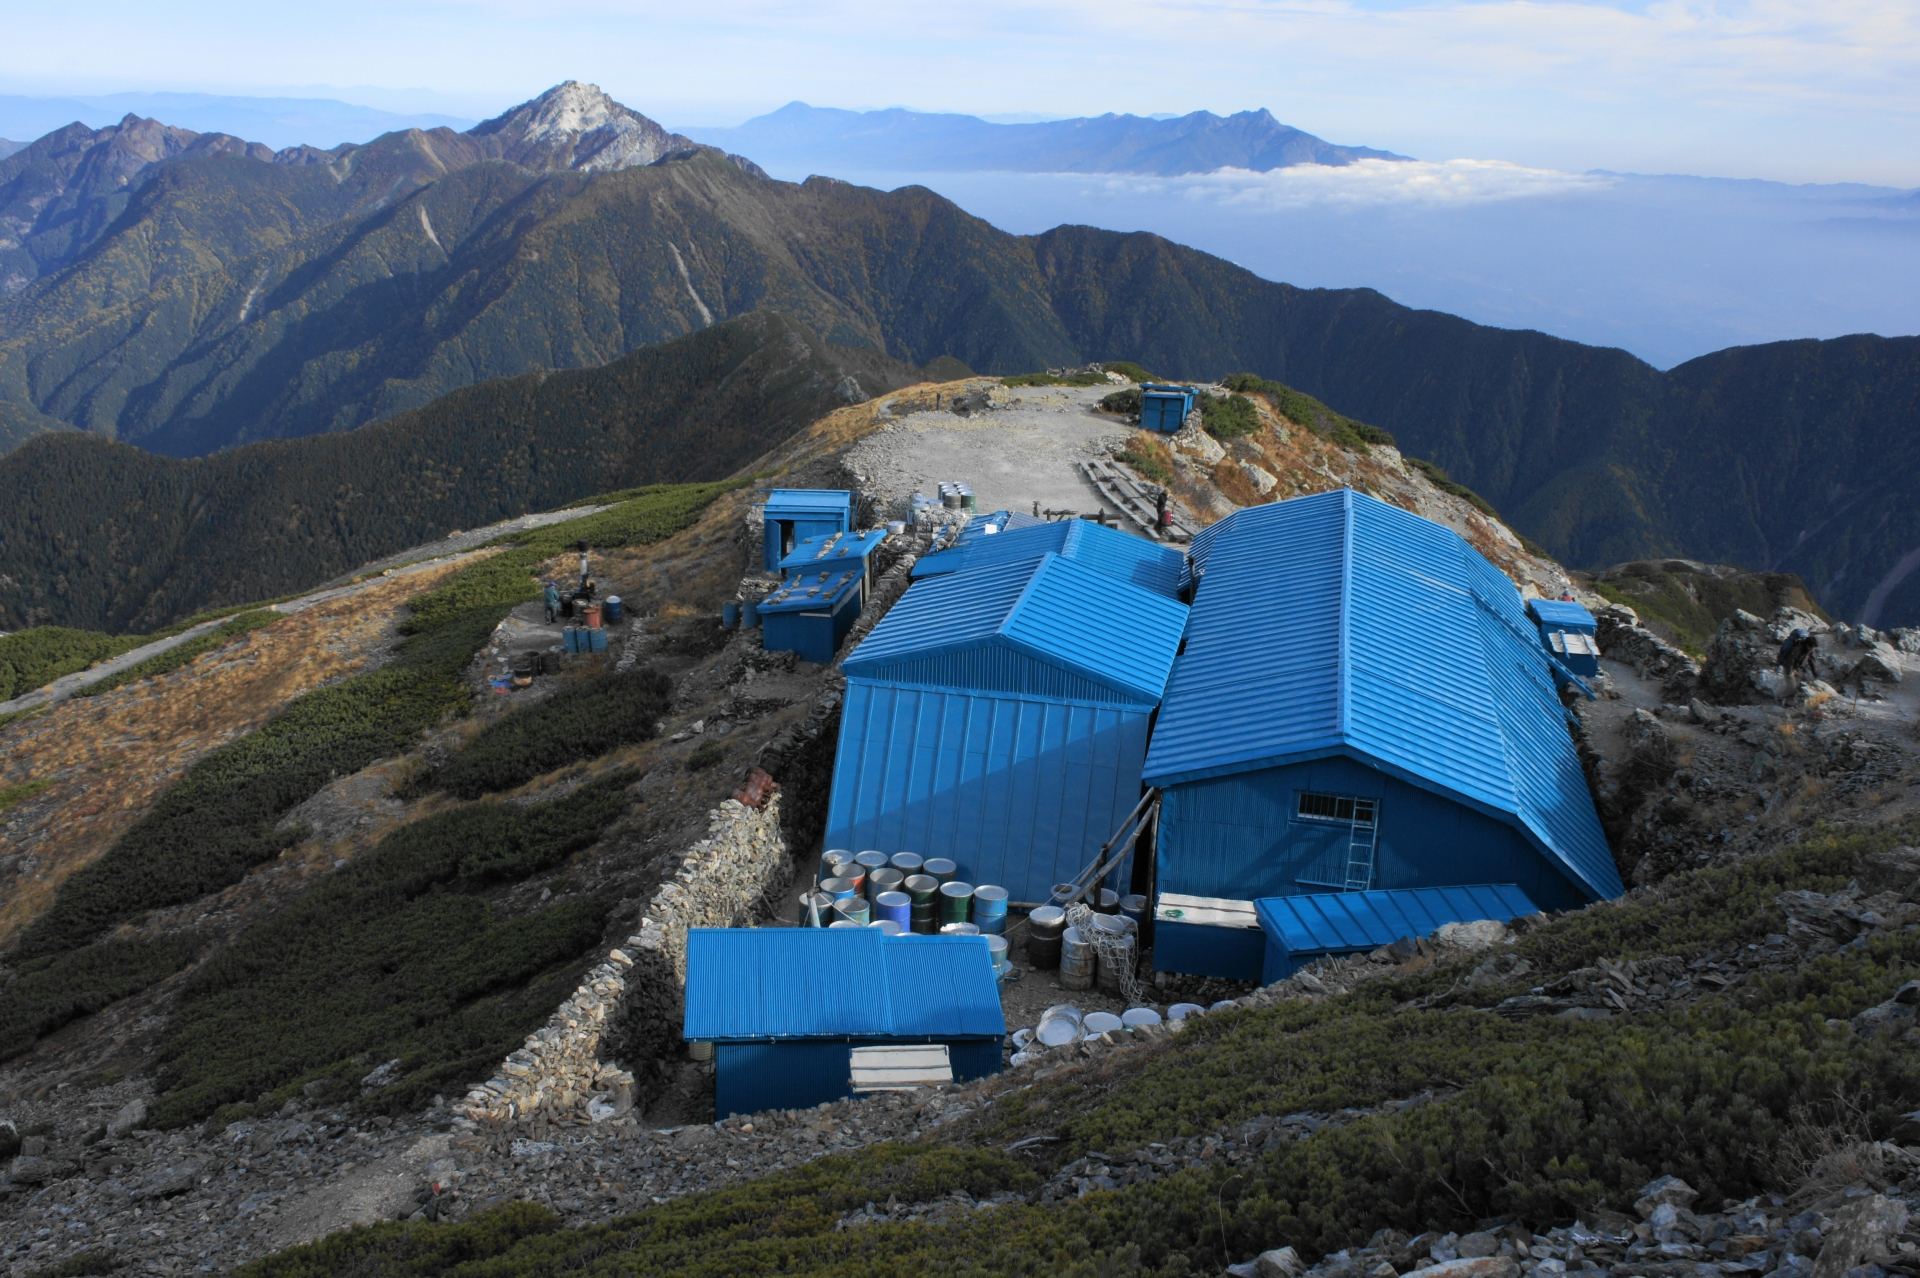 北岳肩の小屋を上から撮影した写真